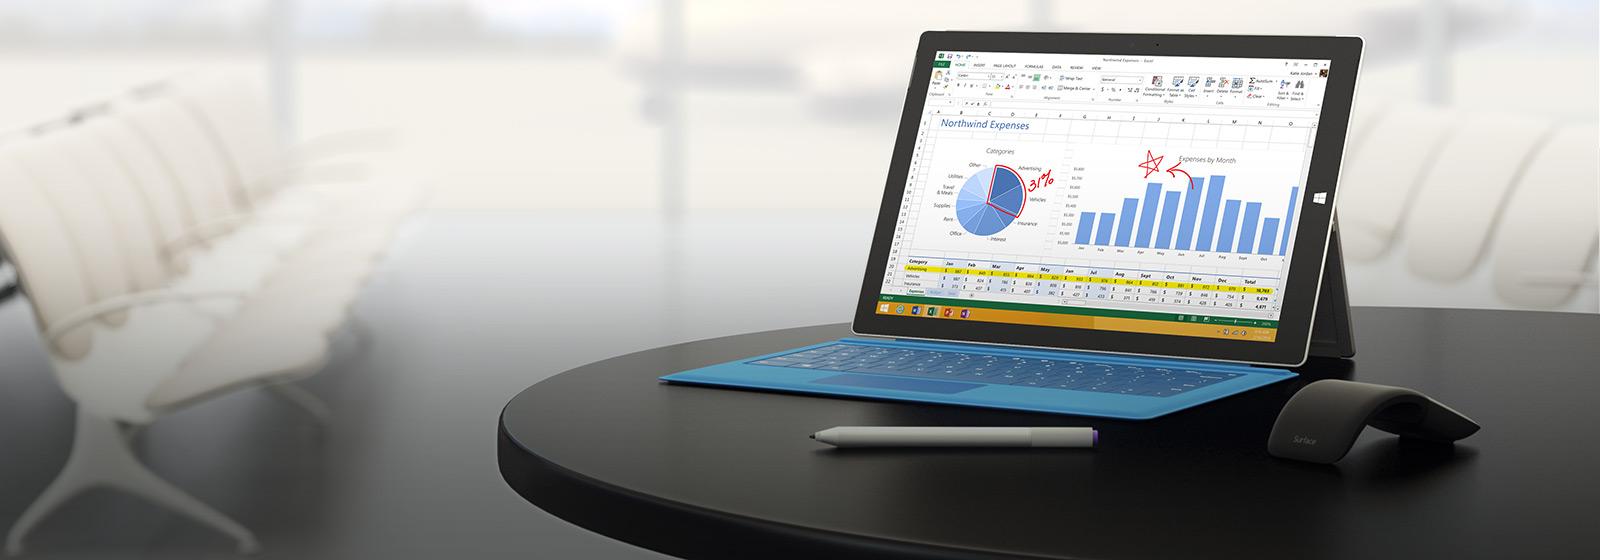 La tablette qui peut remplacer votre ordinateur portable. Surface Pro3.